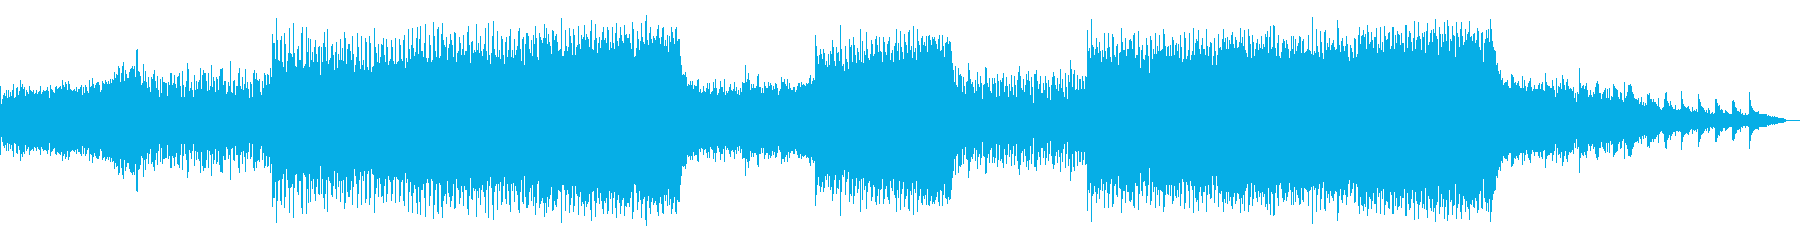 近未来的でポップなハウスミューシックの再生済みの波形